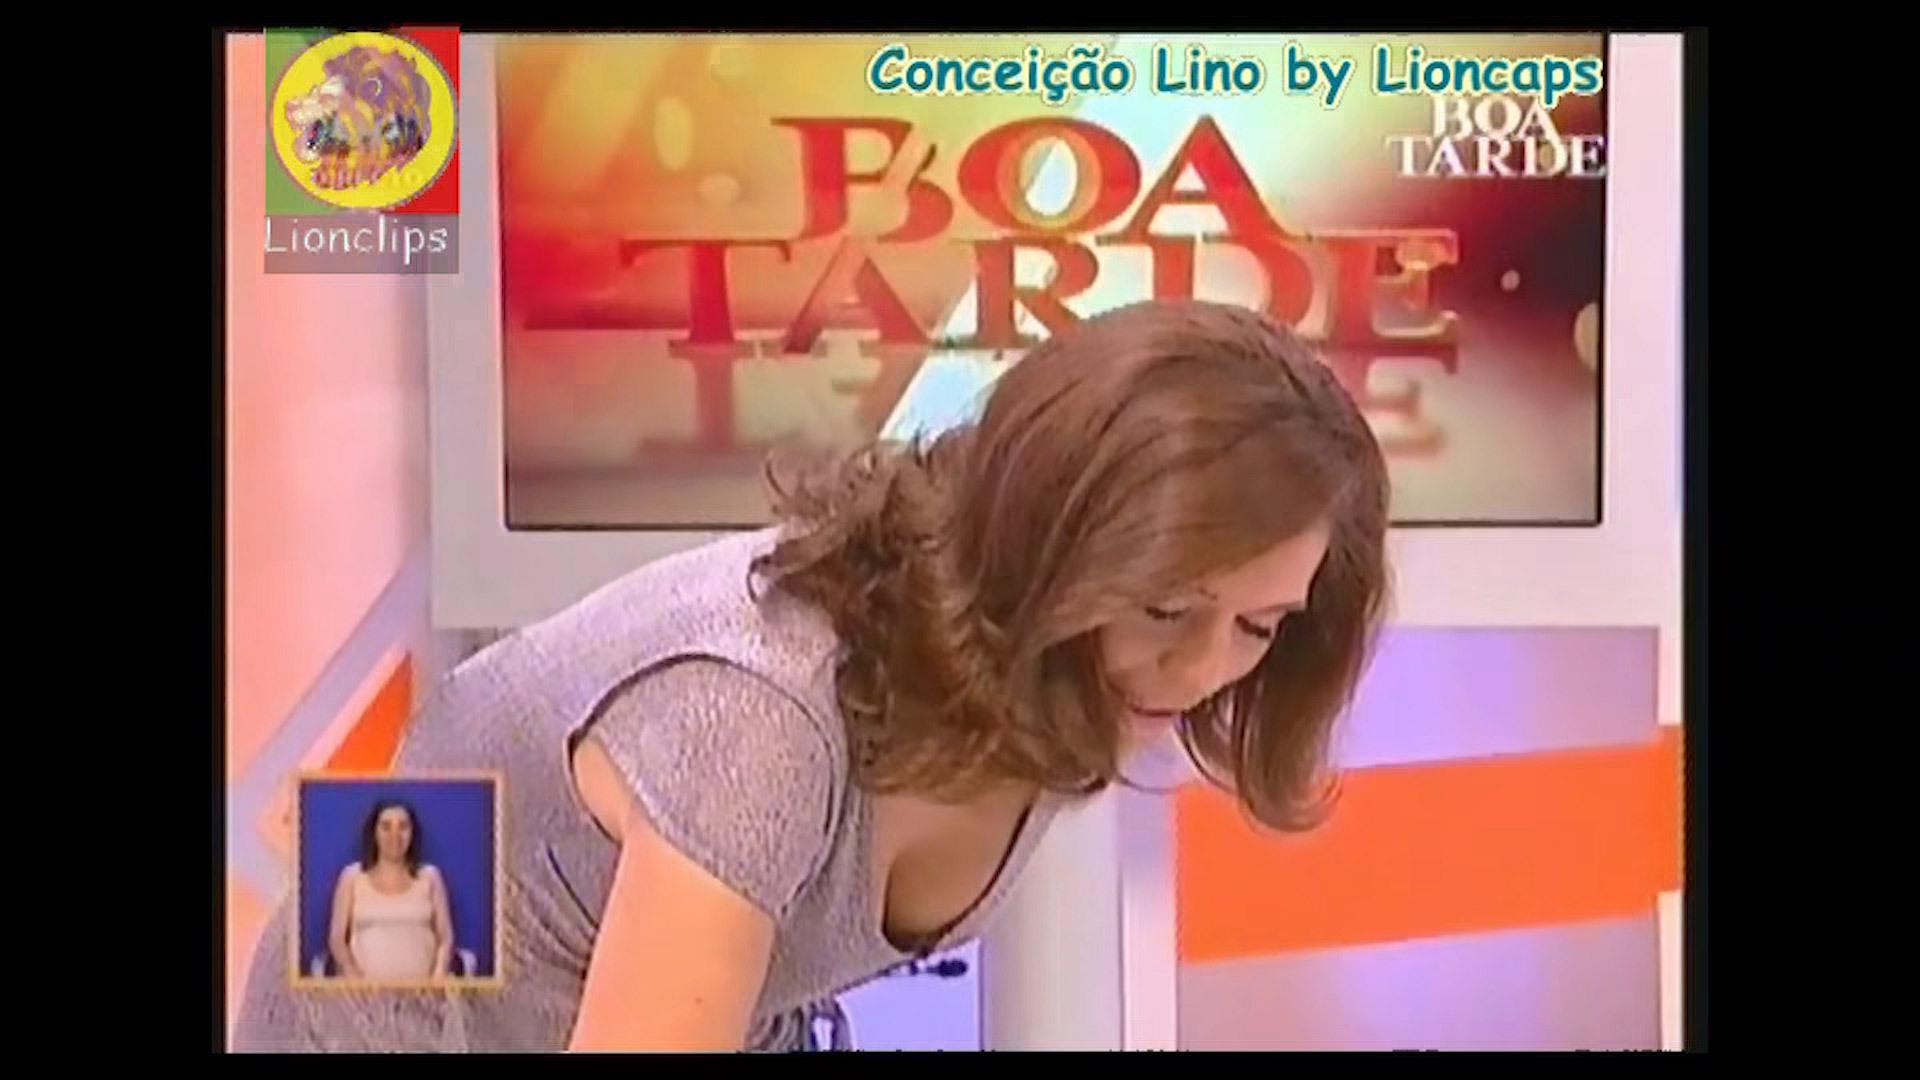 best_off_portugal_c_lioncaps_26_12_2020_17 (6).jpg